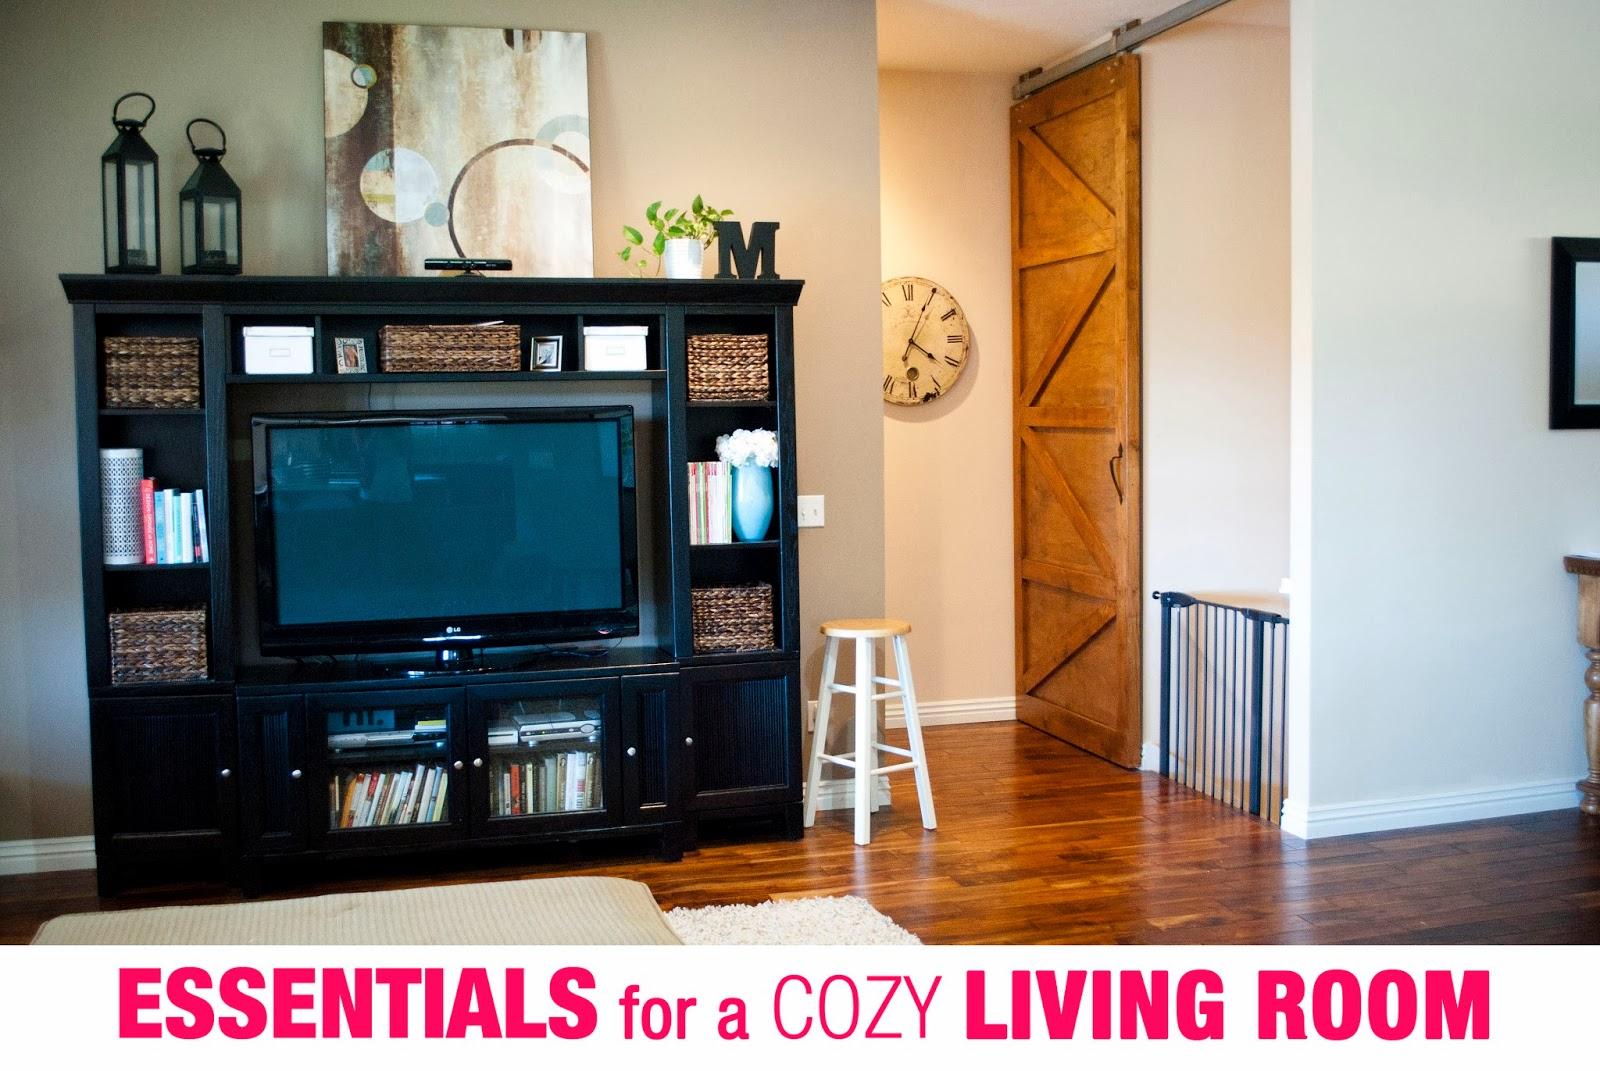 Interior fun essentials for a cozy living room for Living room essentials